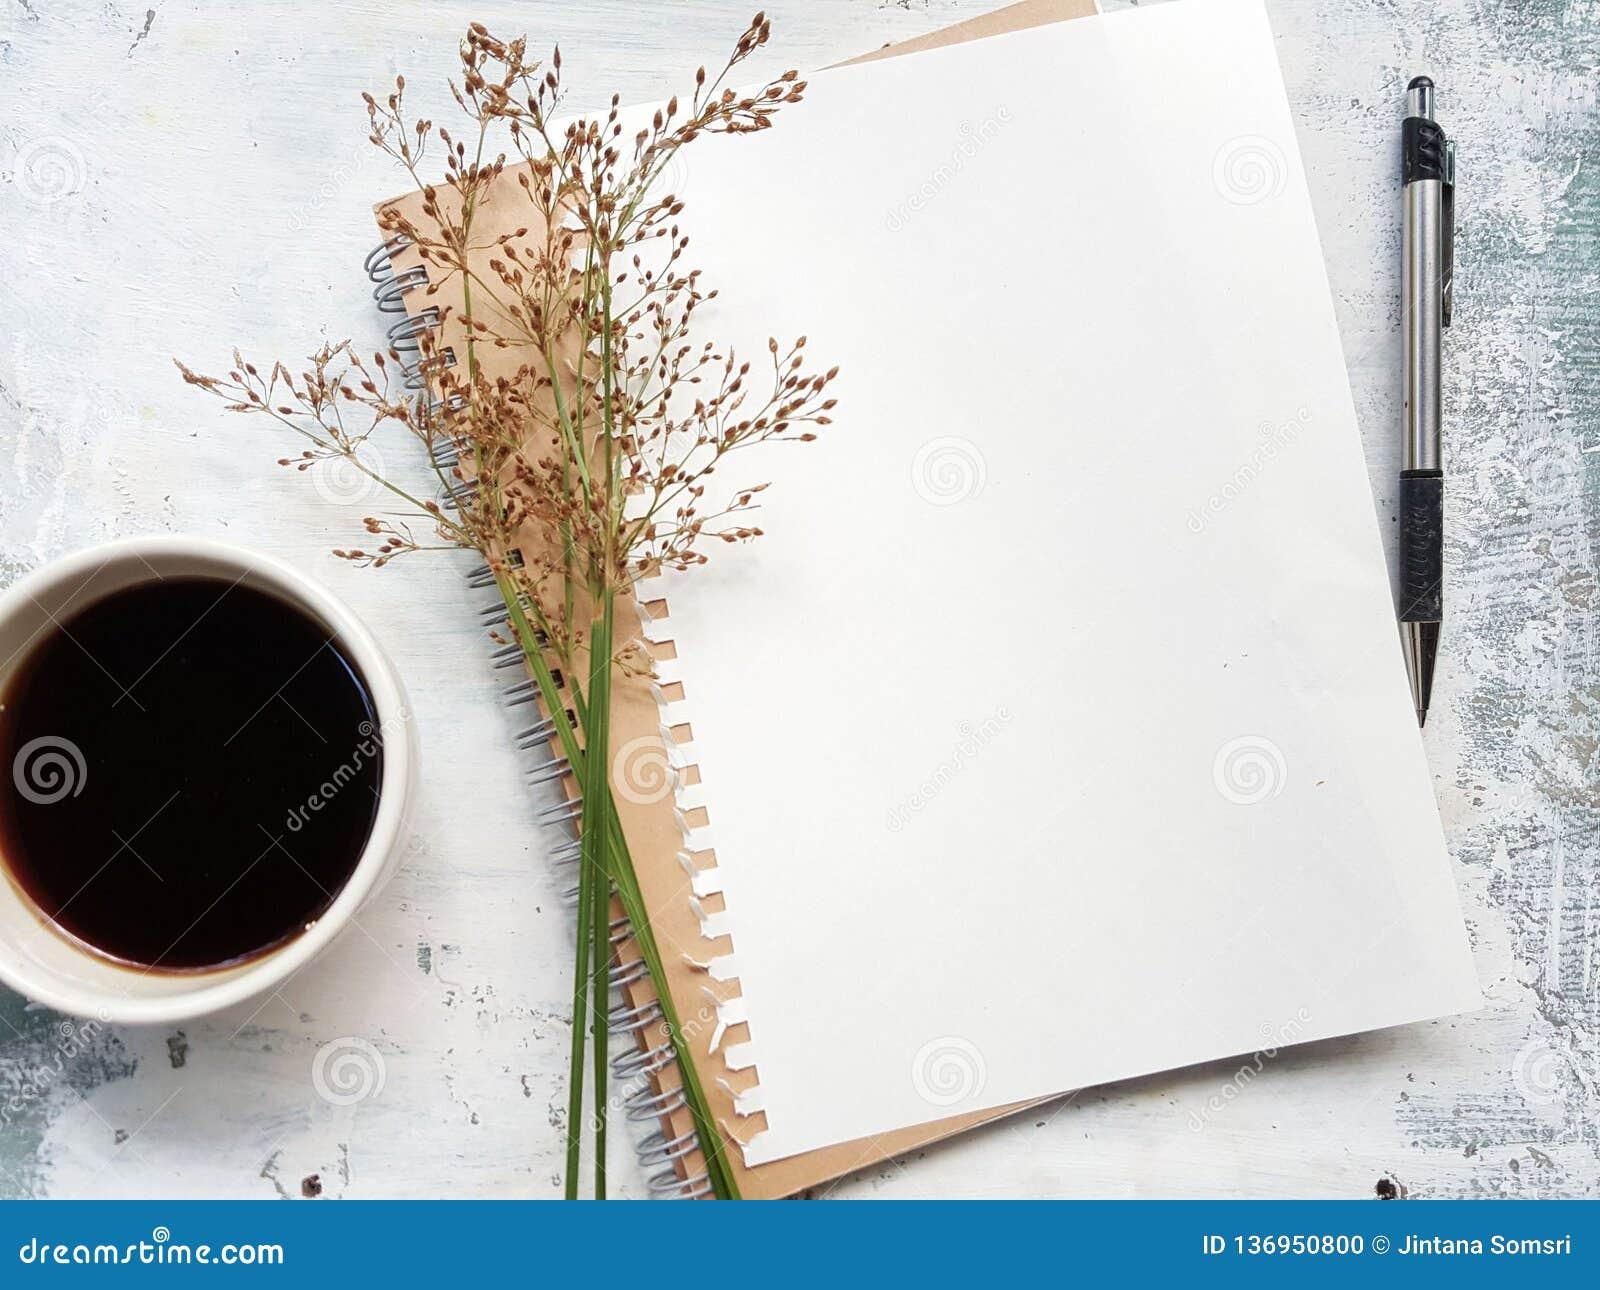 Cuaderno en blanco con la pluma al lado de una taza de café